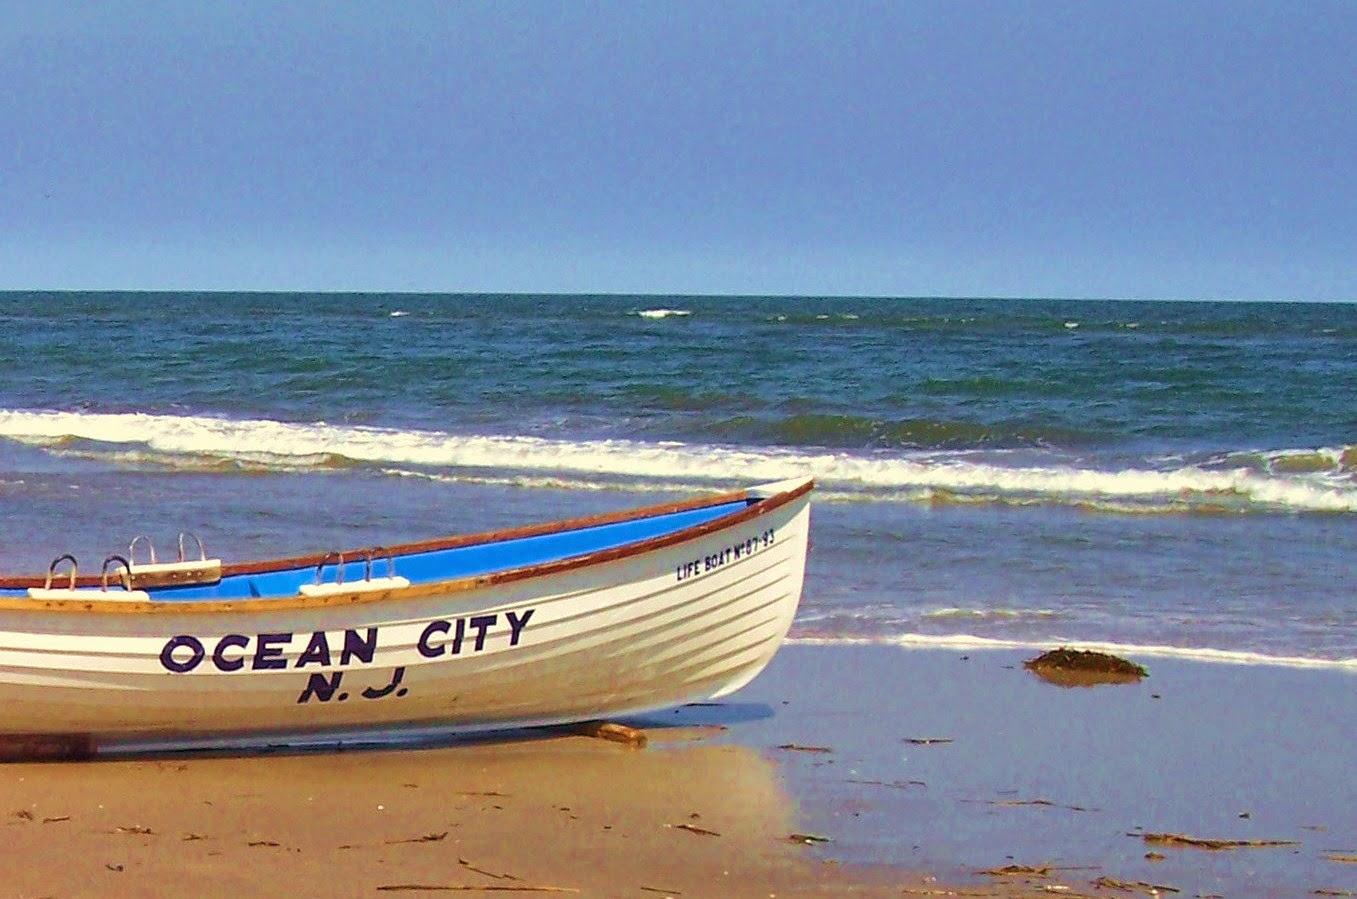 Ocean City, New Jersey, '15